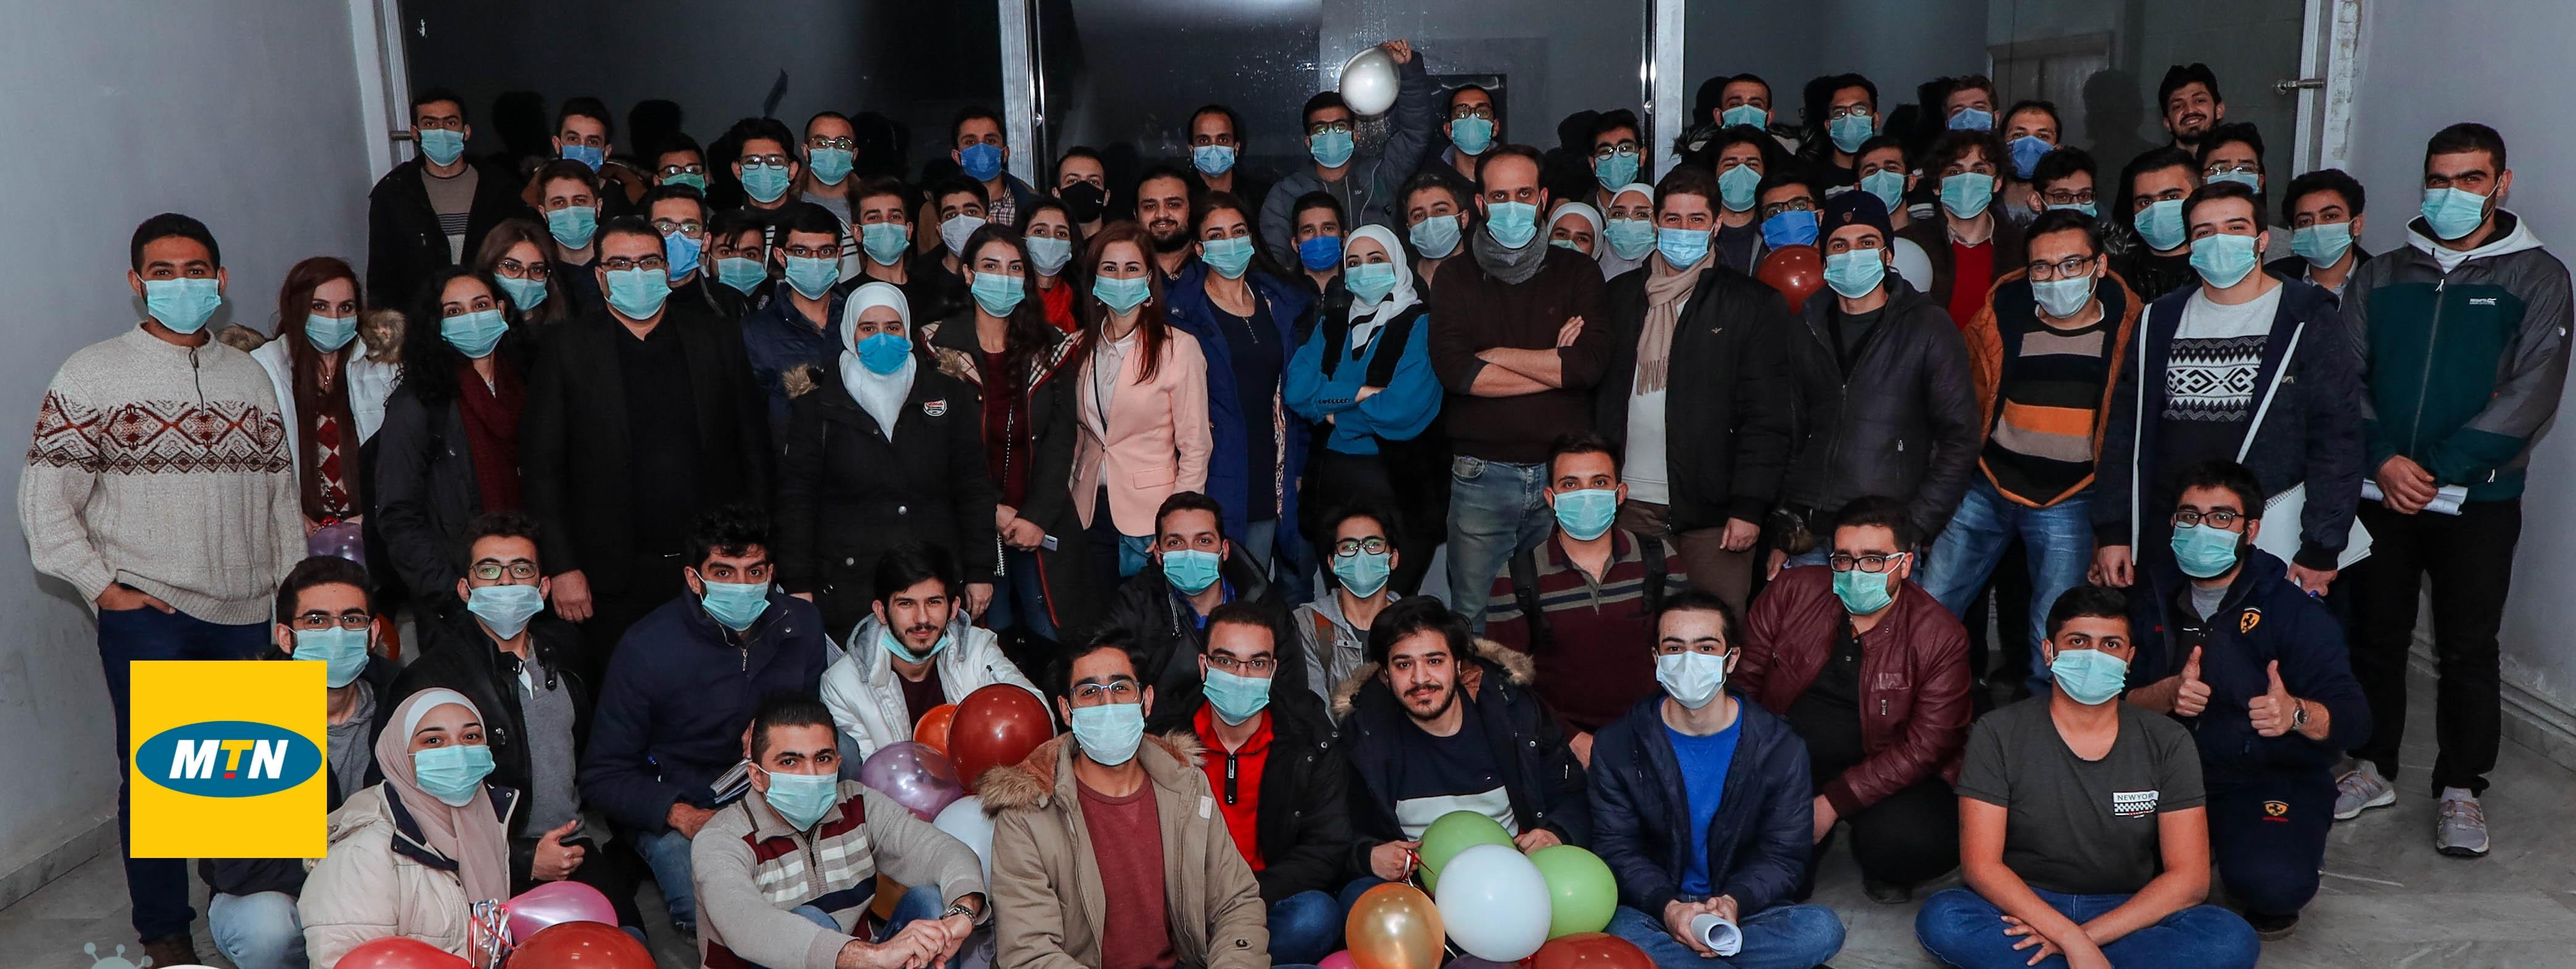 شركة MTN سوريا ترعى فعاليات النهائي الوطني العاشر للمسابقة البرمجية السورية للجامعات SCPC 2020